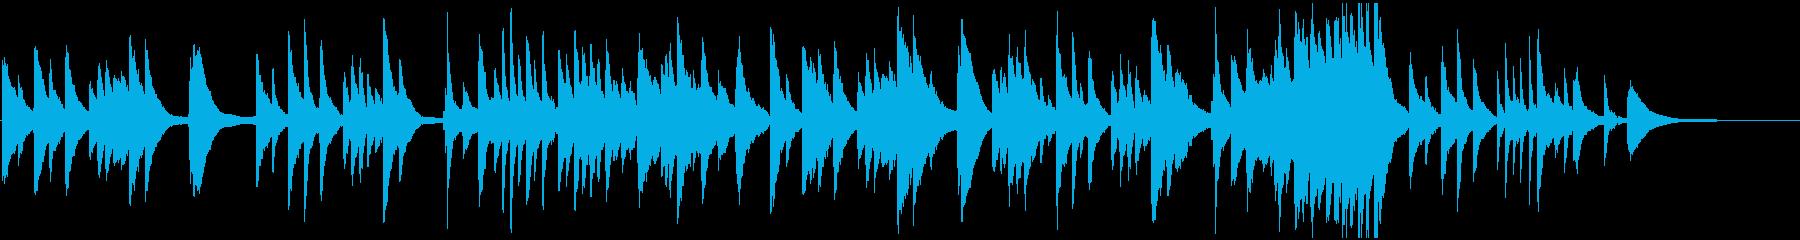 子守唄などをイメージしたピアノのBGMの再生済みの波形